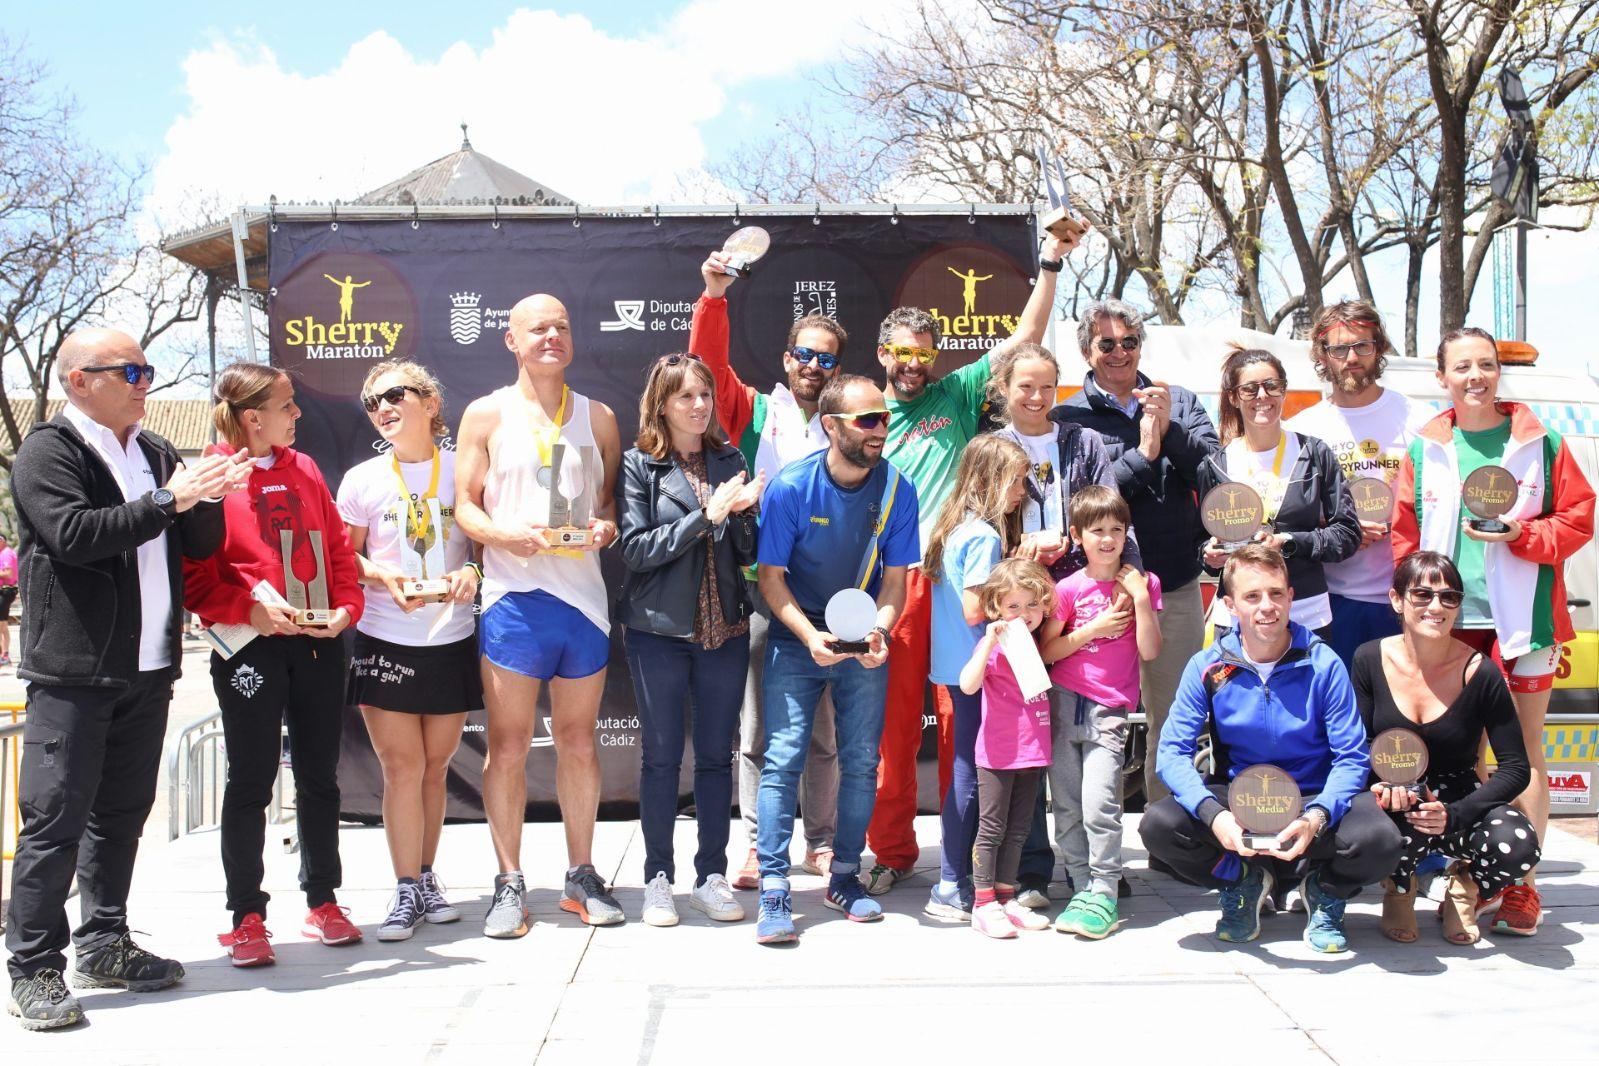 Sherry_Maratón_2018_Club_ganador__A.D._Maratón_Jerez_©_Jaime_Porrúa